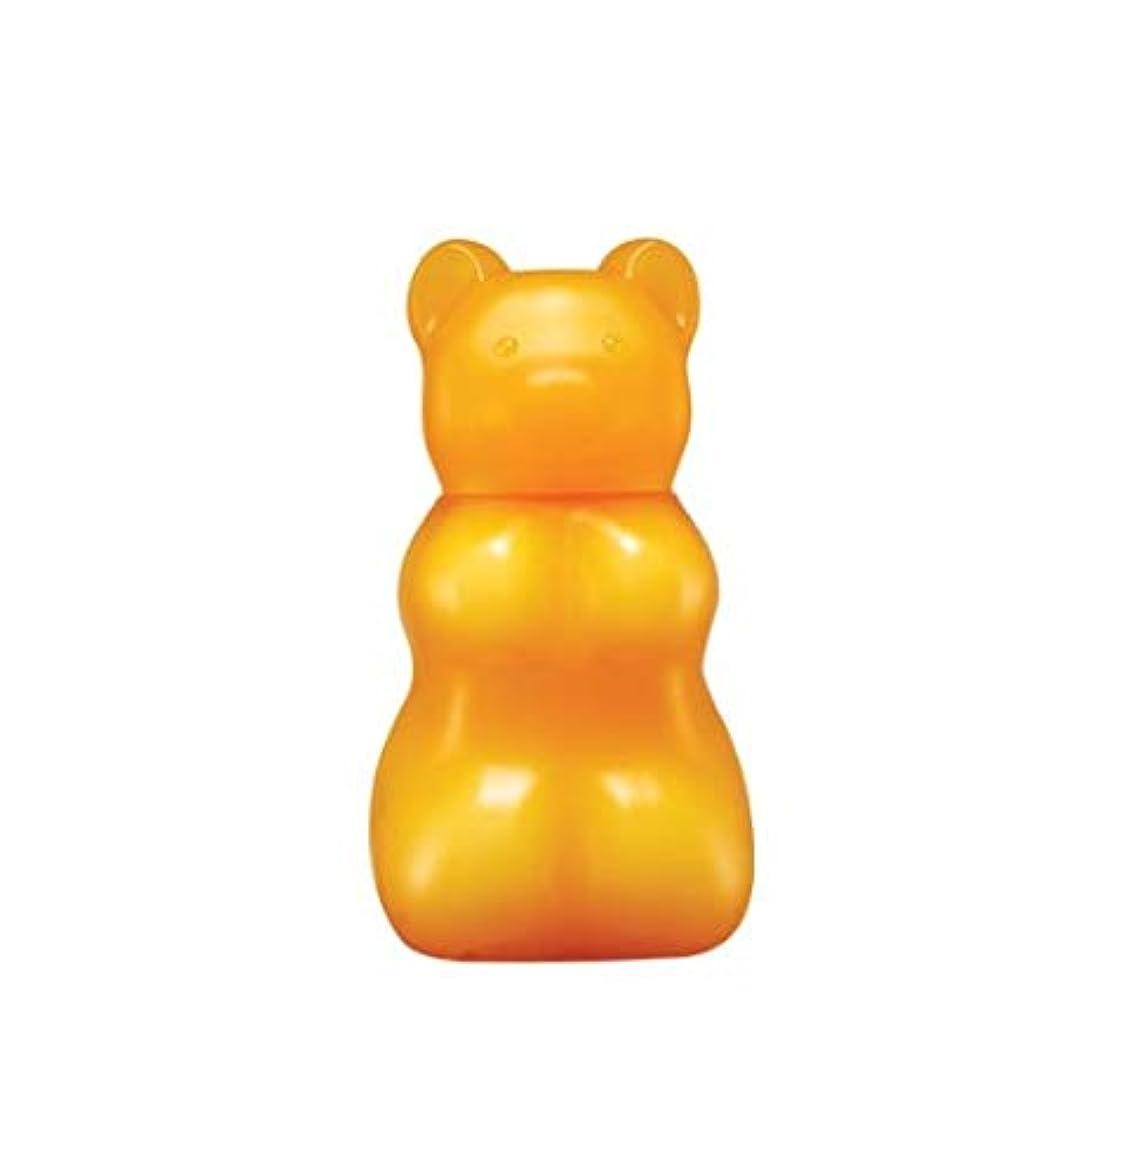 兄弟愛分析的うるさいSkinfood グミベアゼリークリーンジェル(アップル)#オレンジ(ハンドクリーム) / Gummy Bear Jelly Clean Gel (Apple) #Orange (Hand Cream) 45ml [並行輸入品]